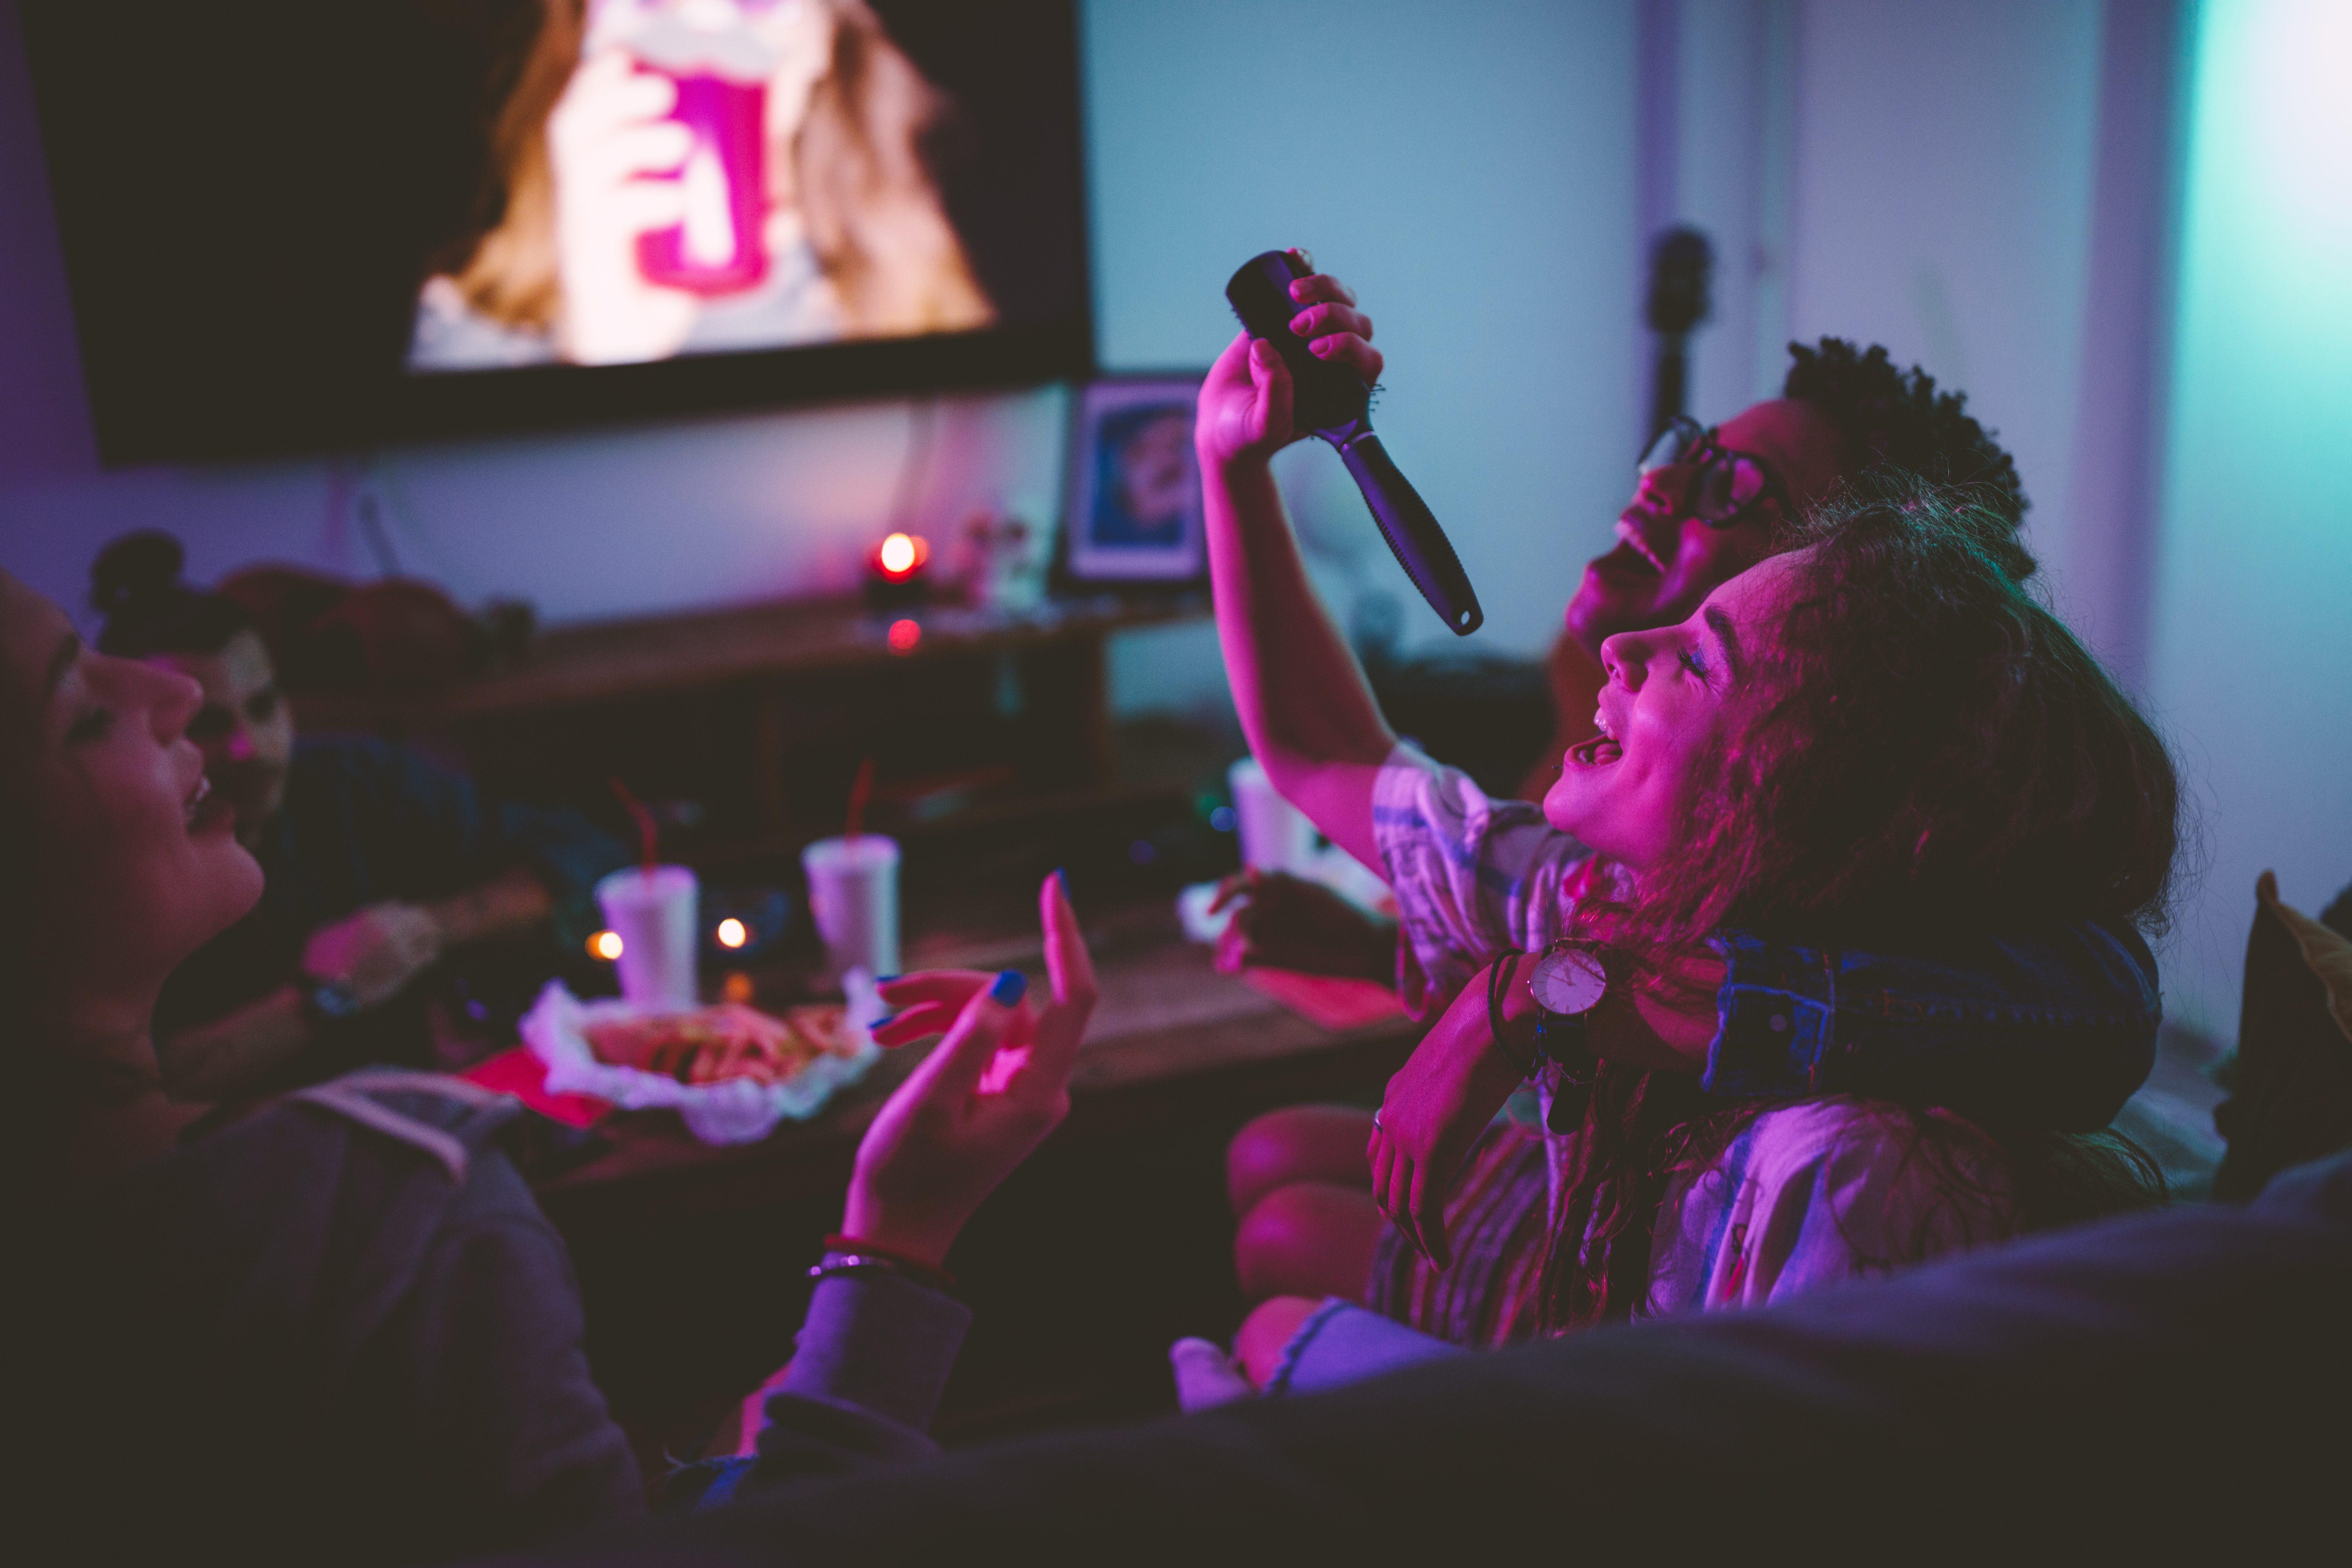 Programmi per la serata: cosa fare con gli amici se siete a corto di idee